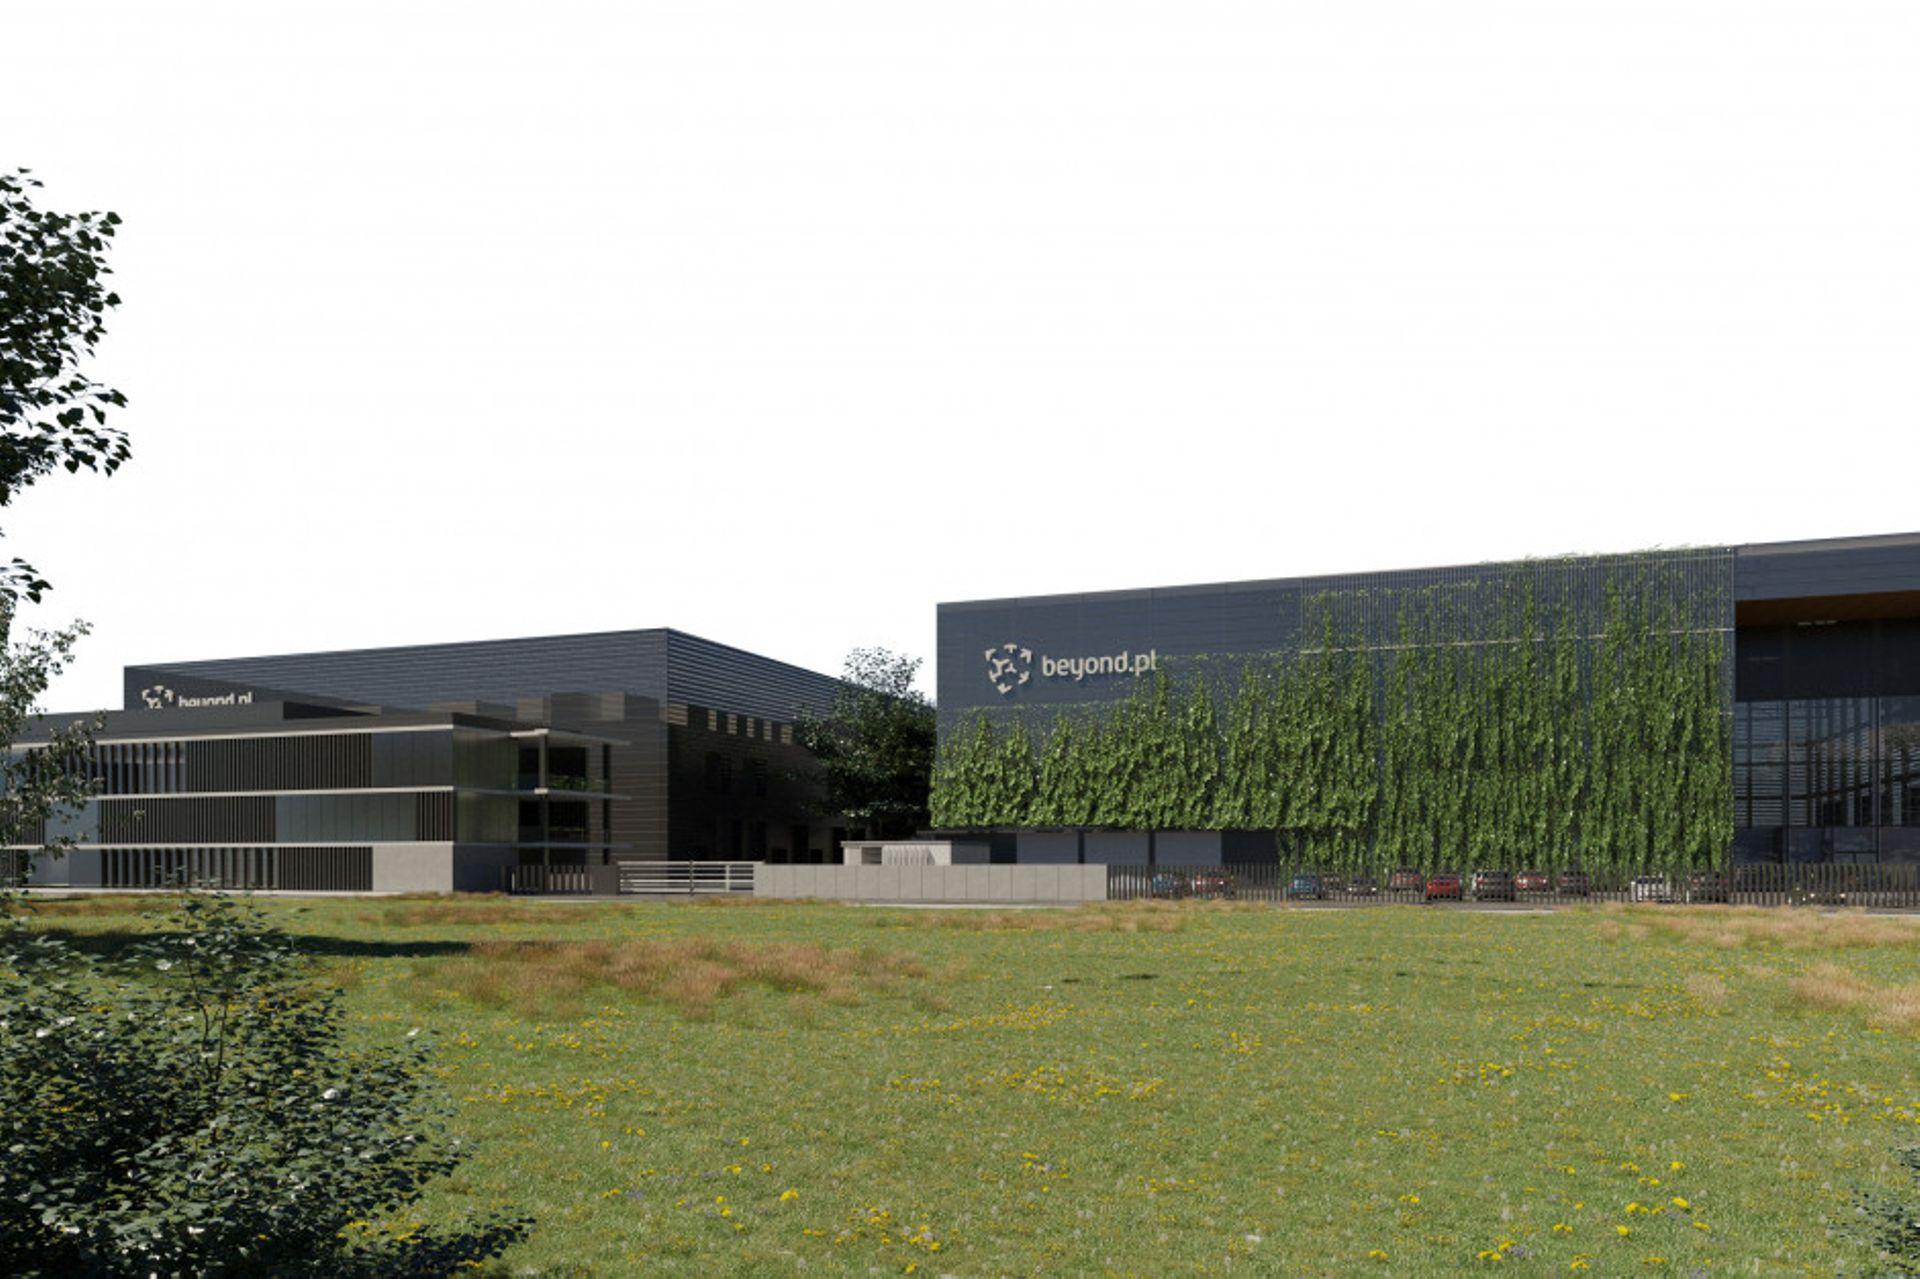 Beyond.pl rozbuduje swój kampus Data Center w Poznaniu